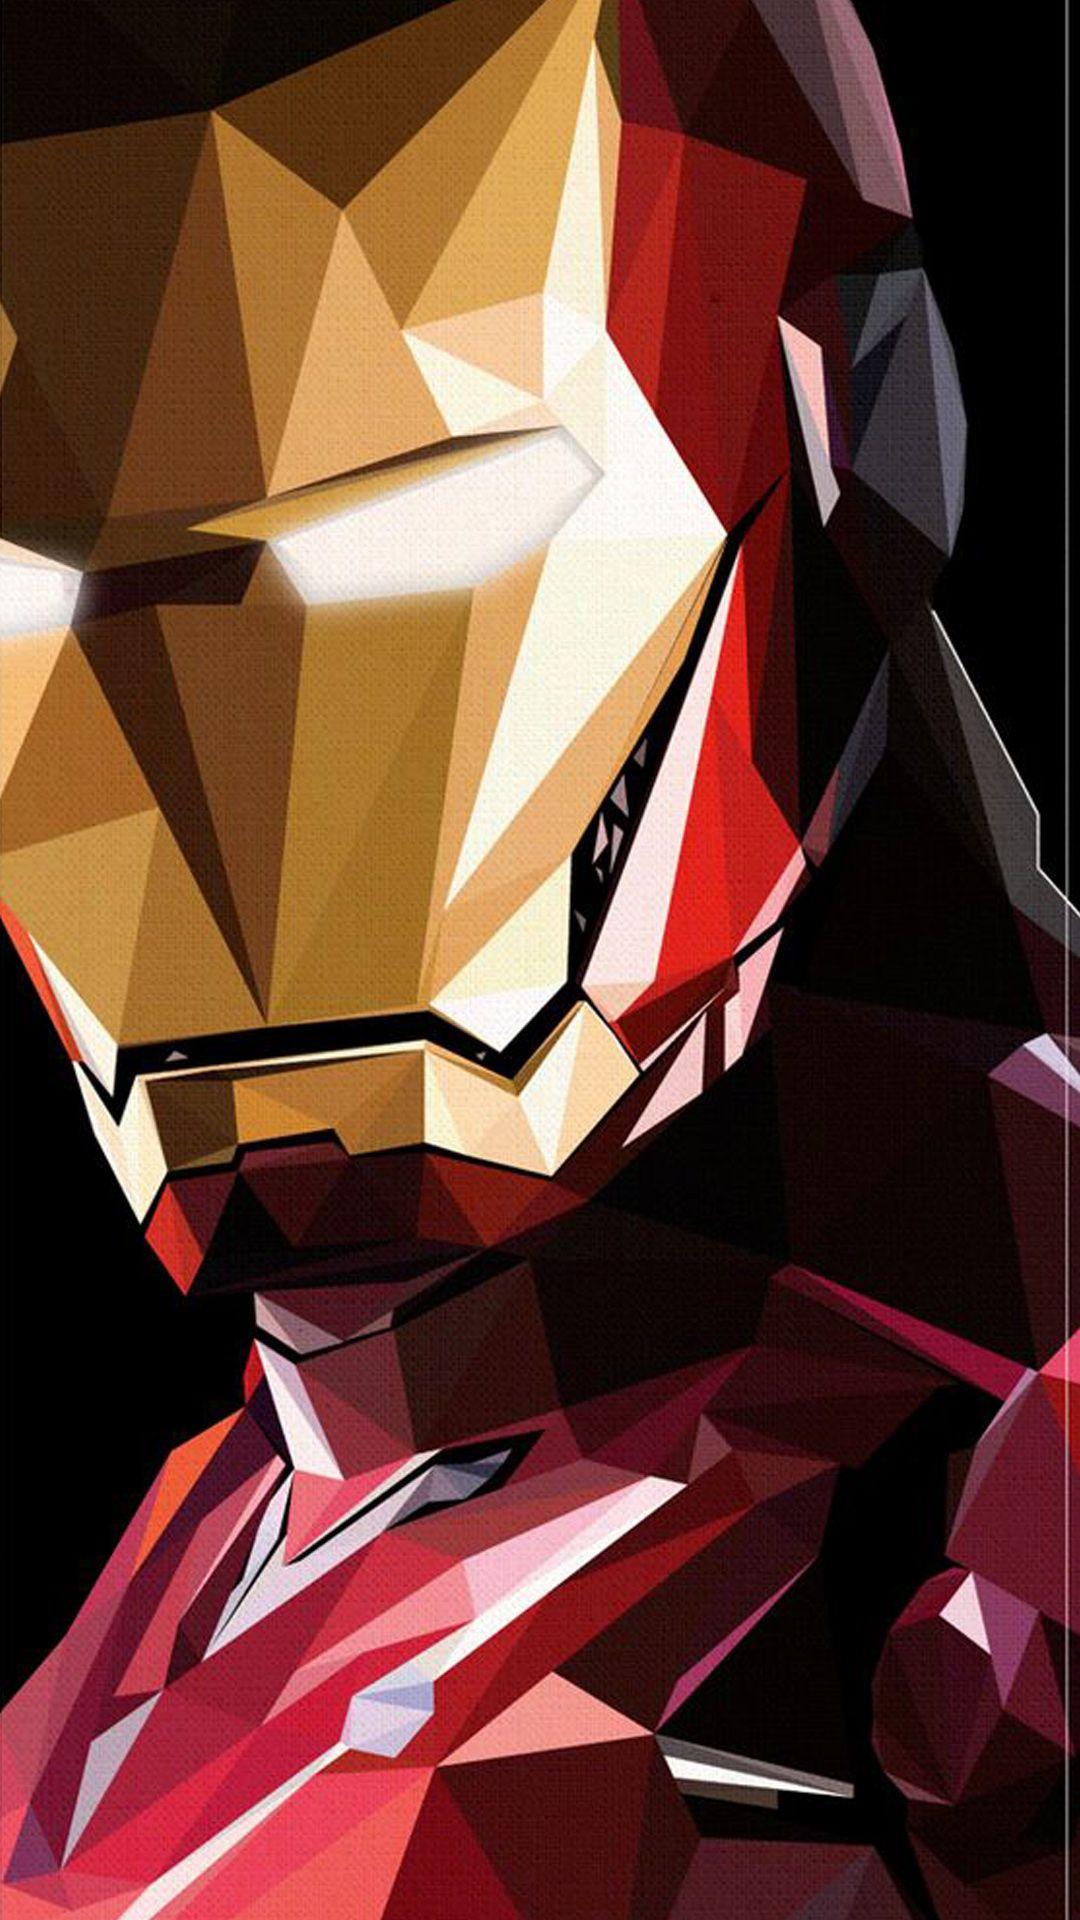 iron man wallpaper iphone 4 | iron man | pinterest | marvel, iron